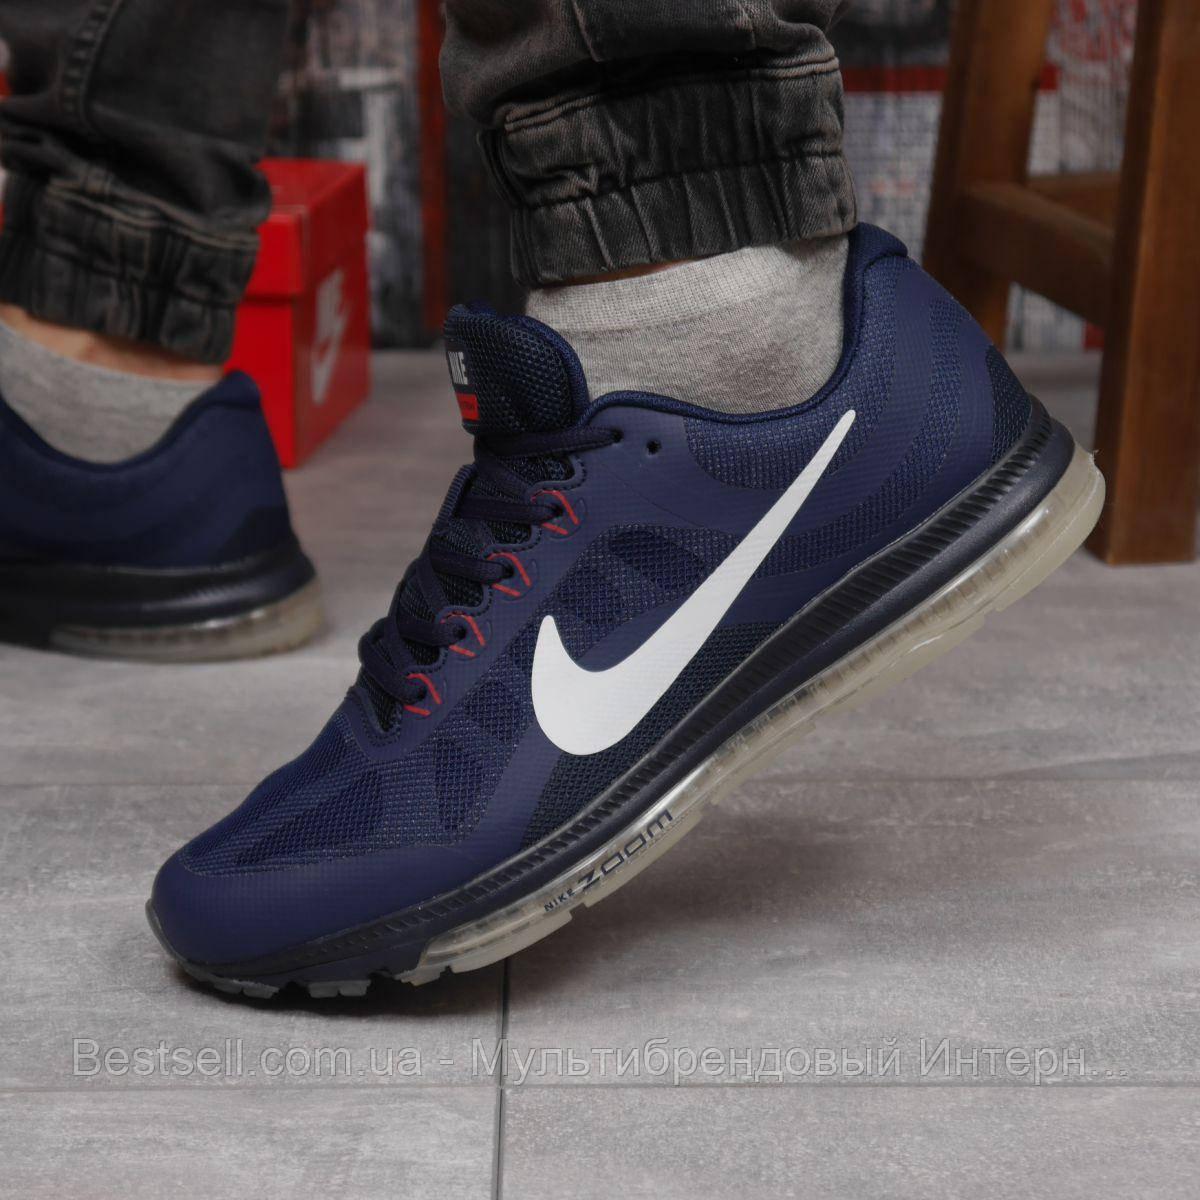 Кросівки чоловічі 13462, Nike Zoom Streak, темно-сині, [ немає ] р. 44-28,4 див.